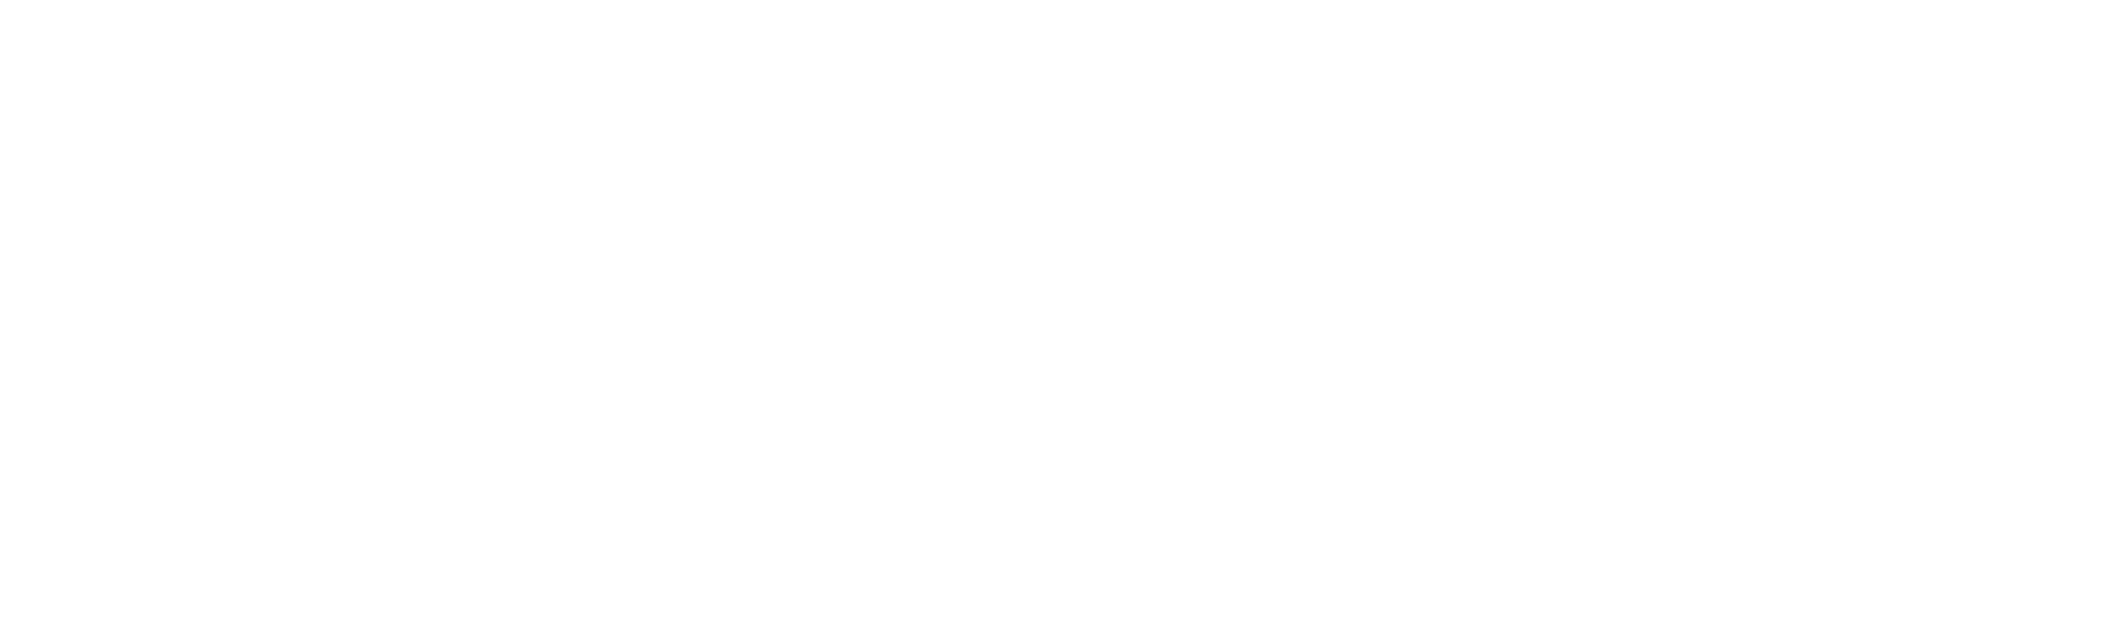 city siluette